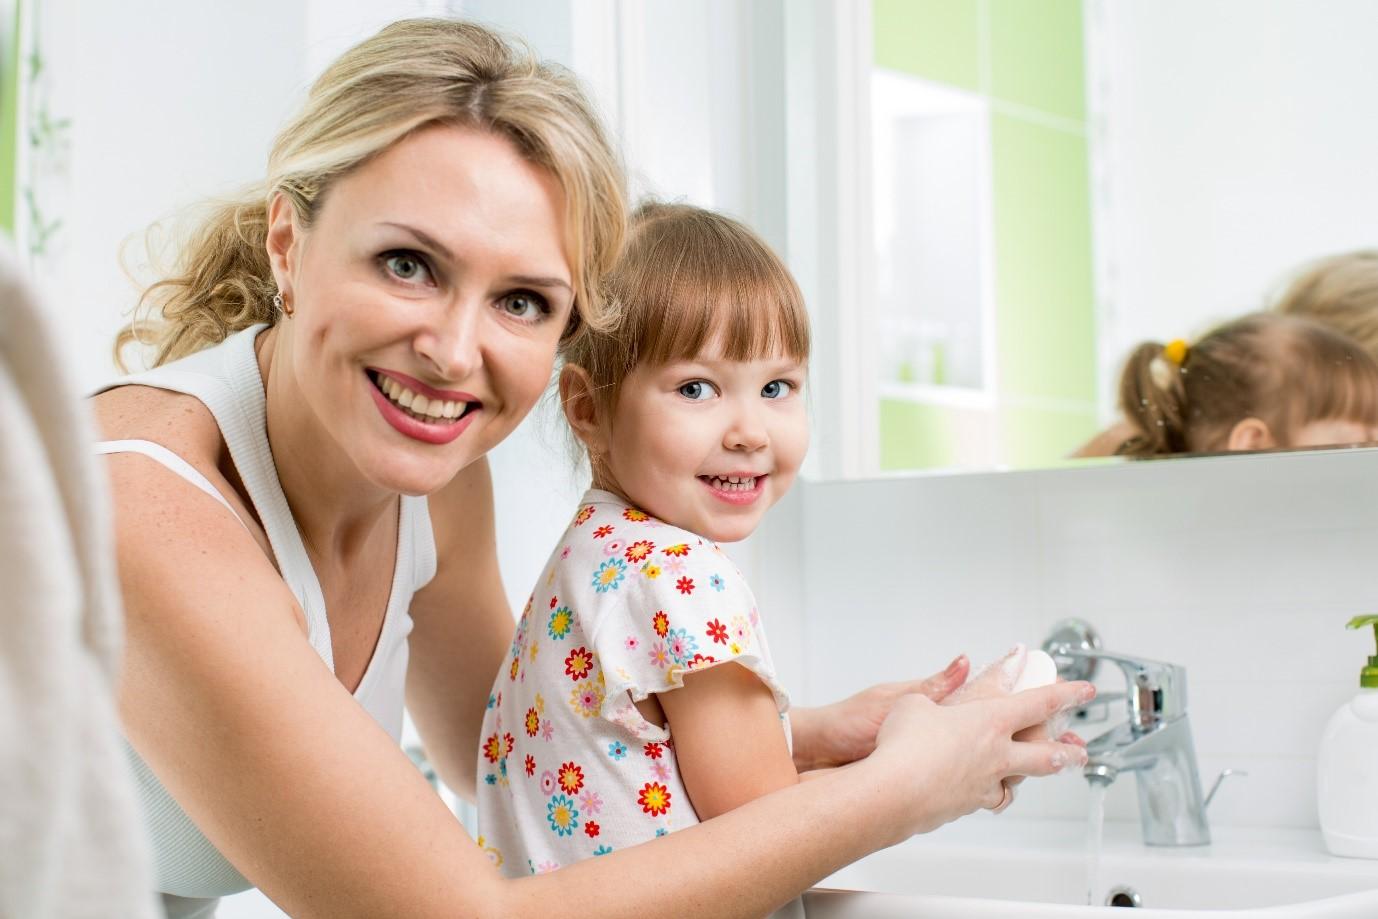 Воспитание у ребенка регулярной привычки мыть руки с мылом убережет его от возникновения инфекционных заболеваний